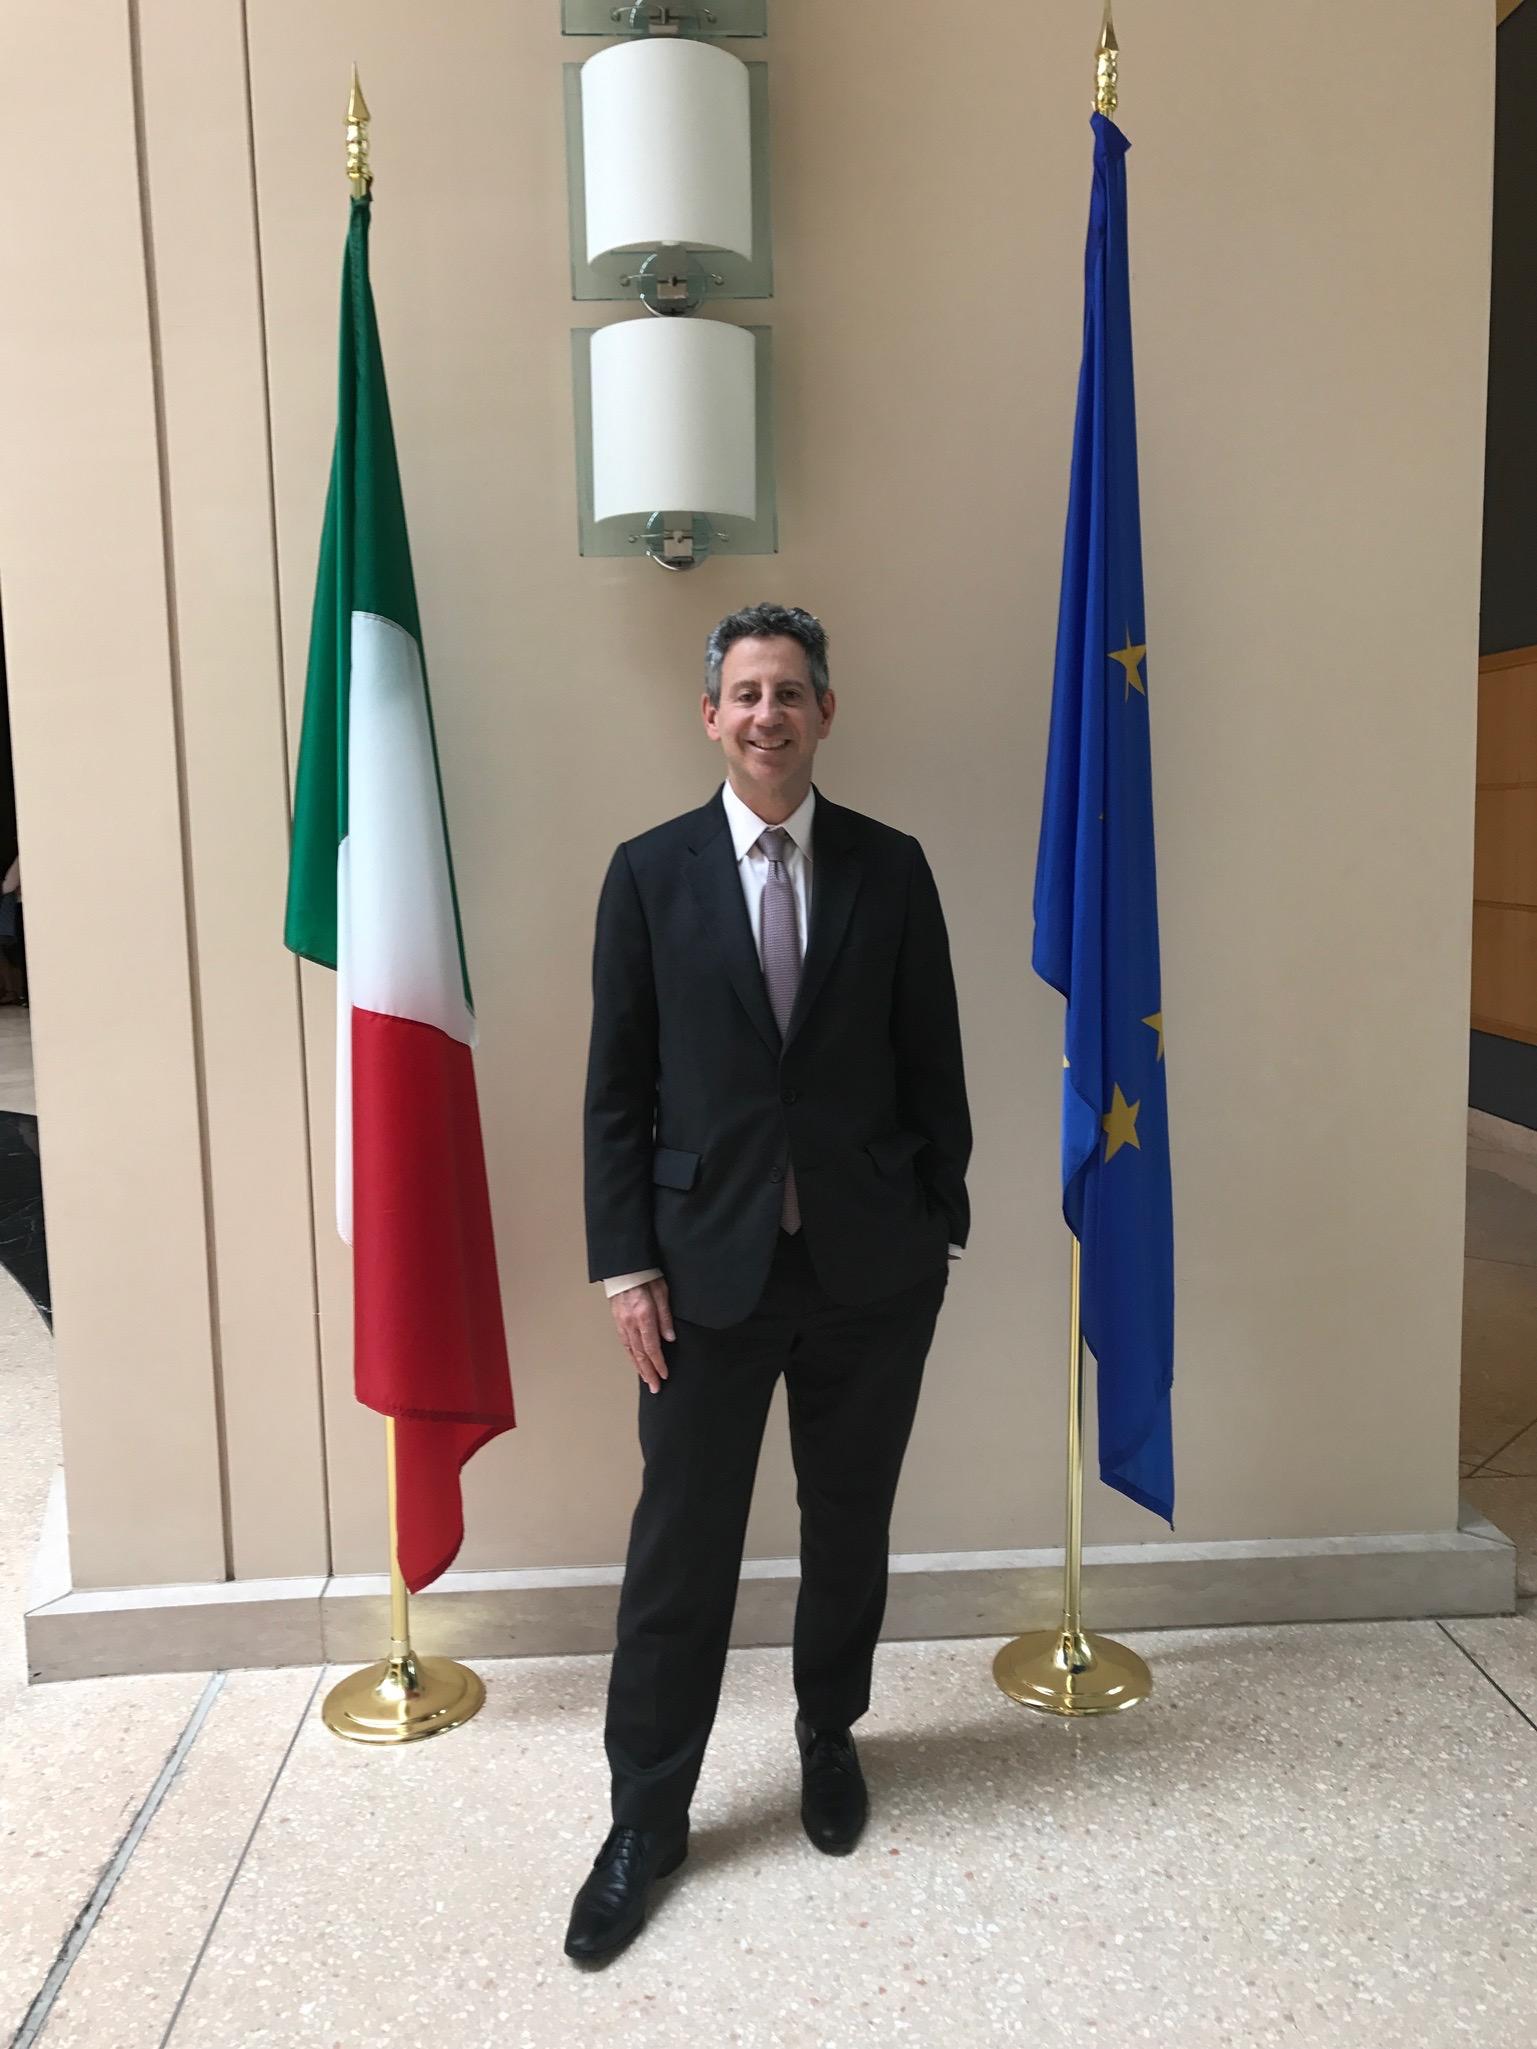 Italian Embassy, Washington, D.C.